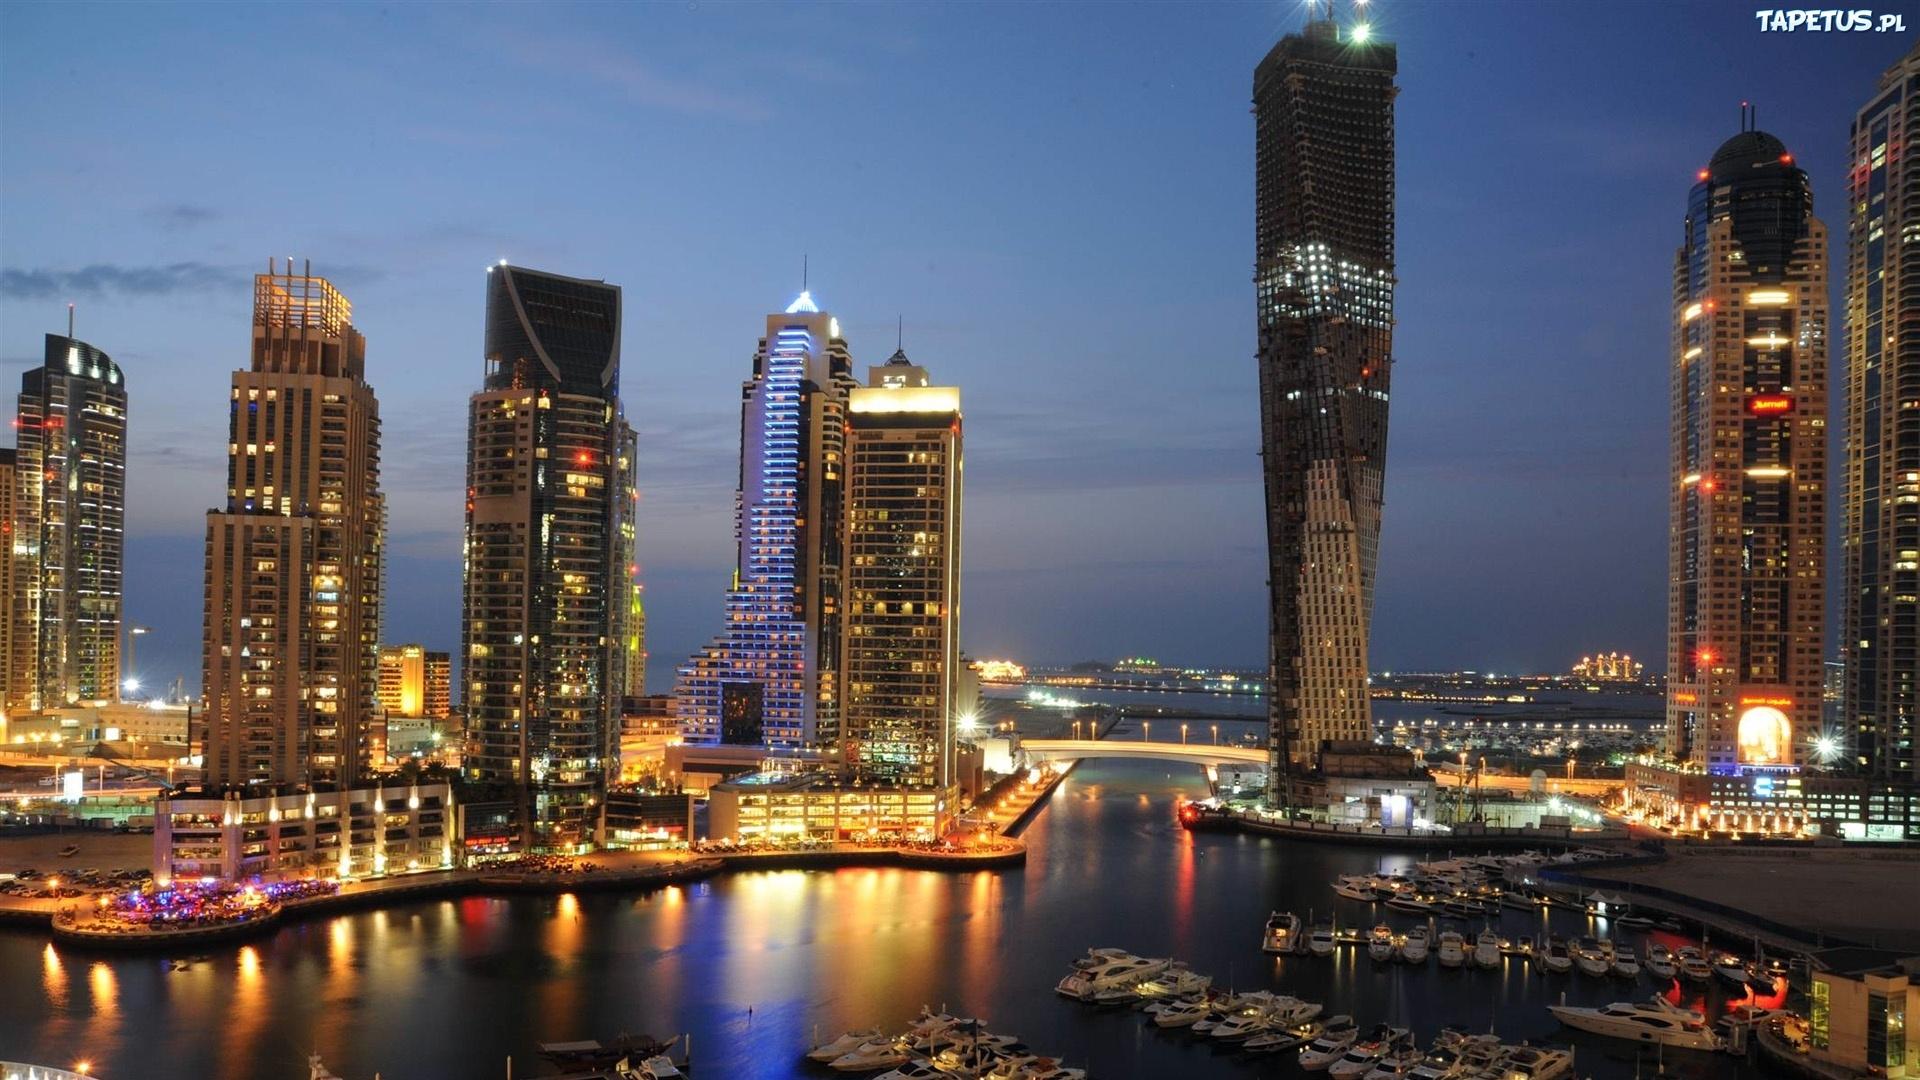 Дубаи эмираты дубаи-марина бесплатно